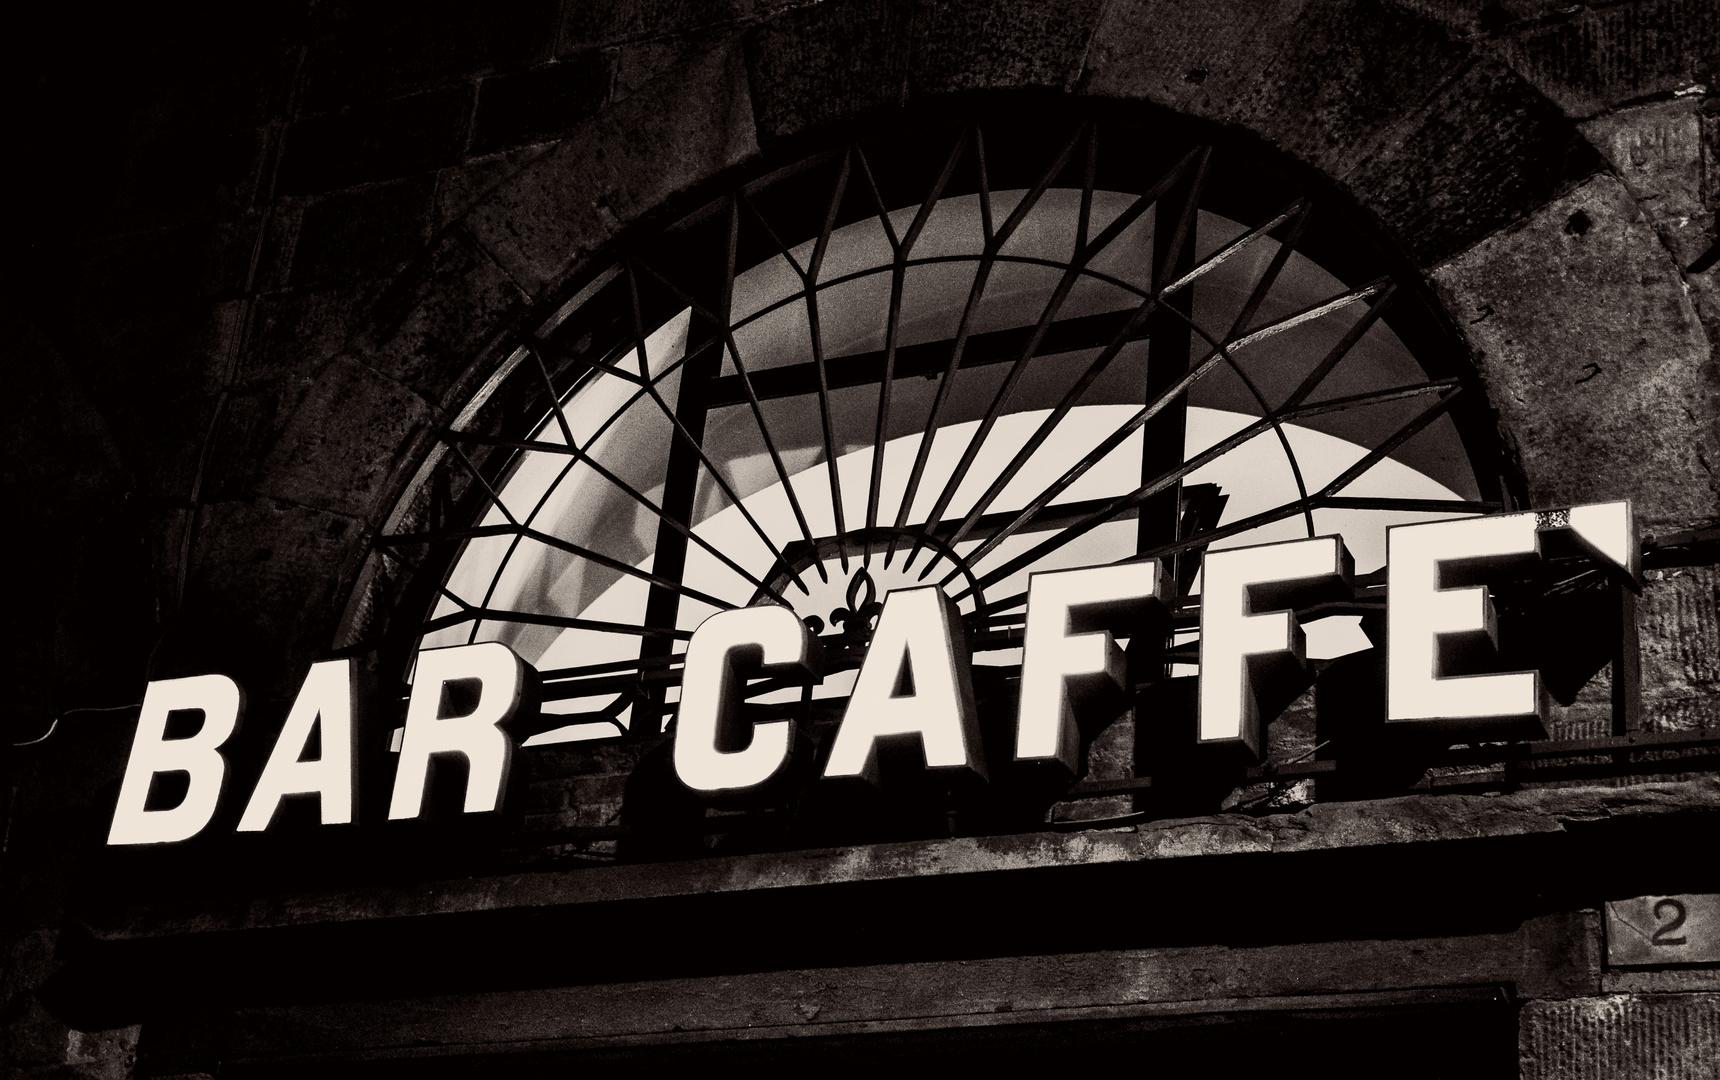 Bar - Caffe